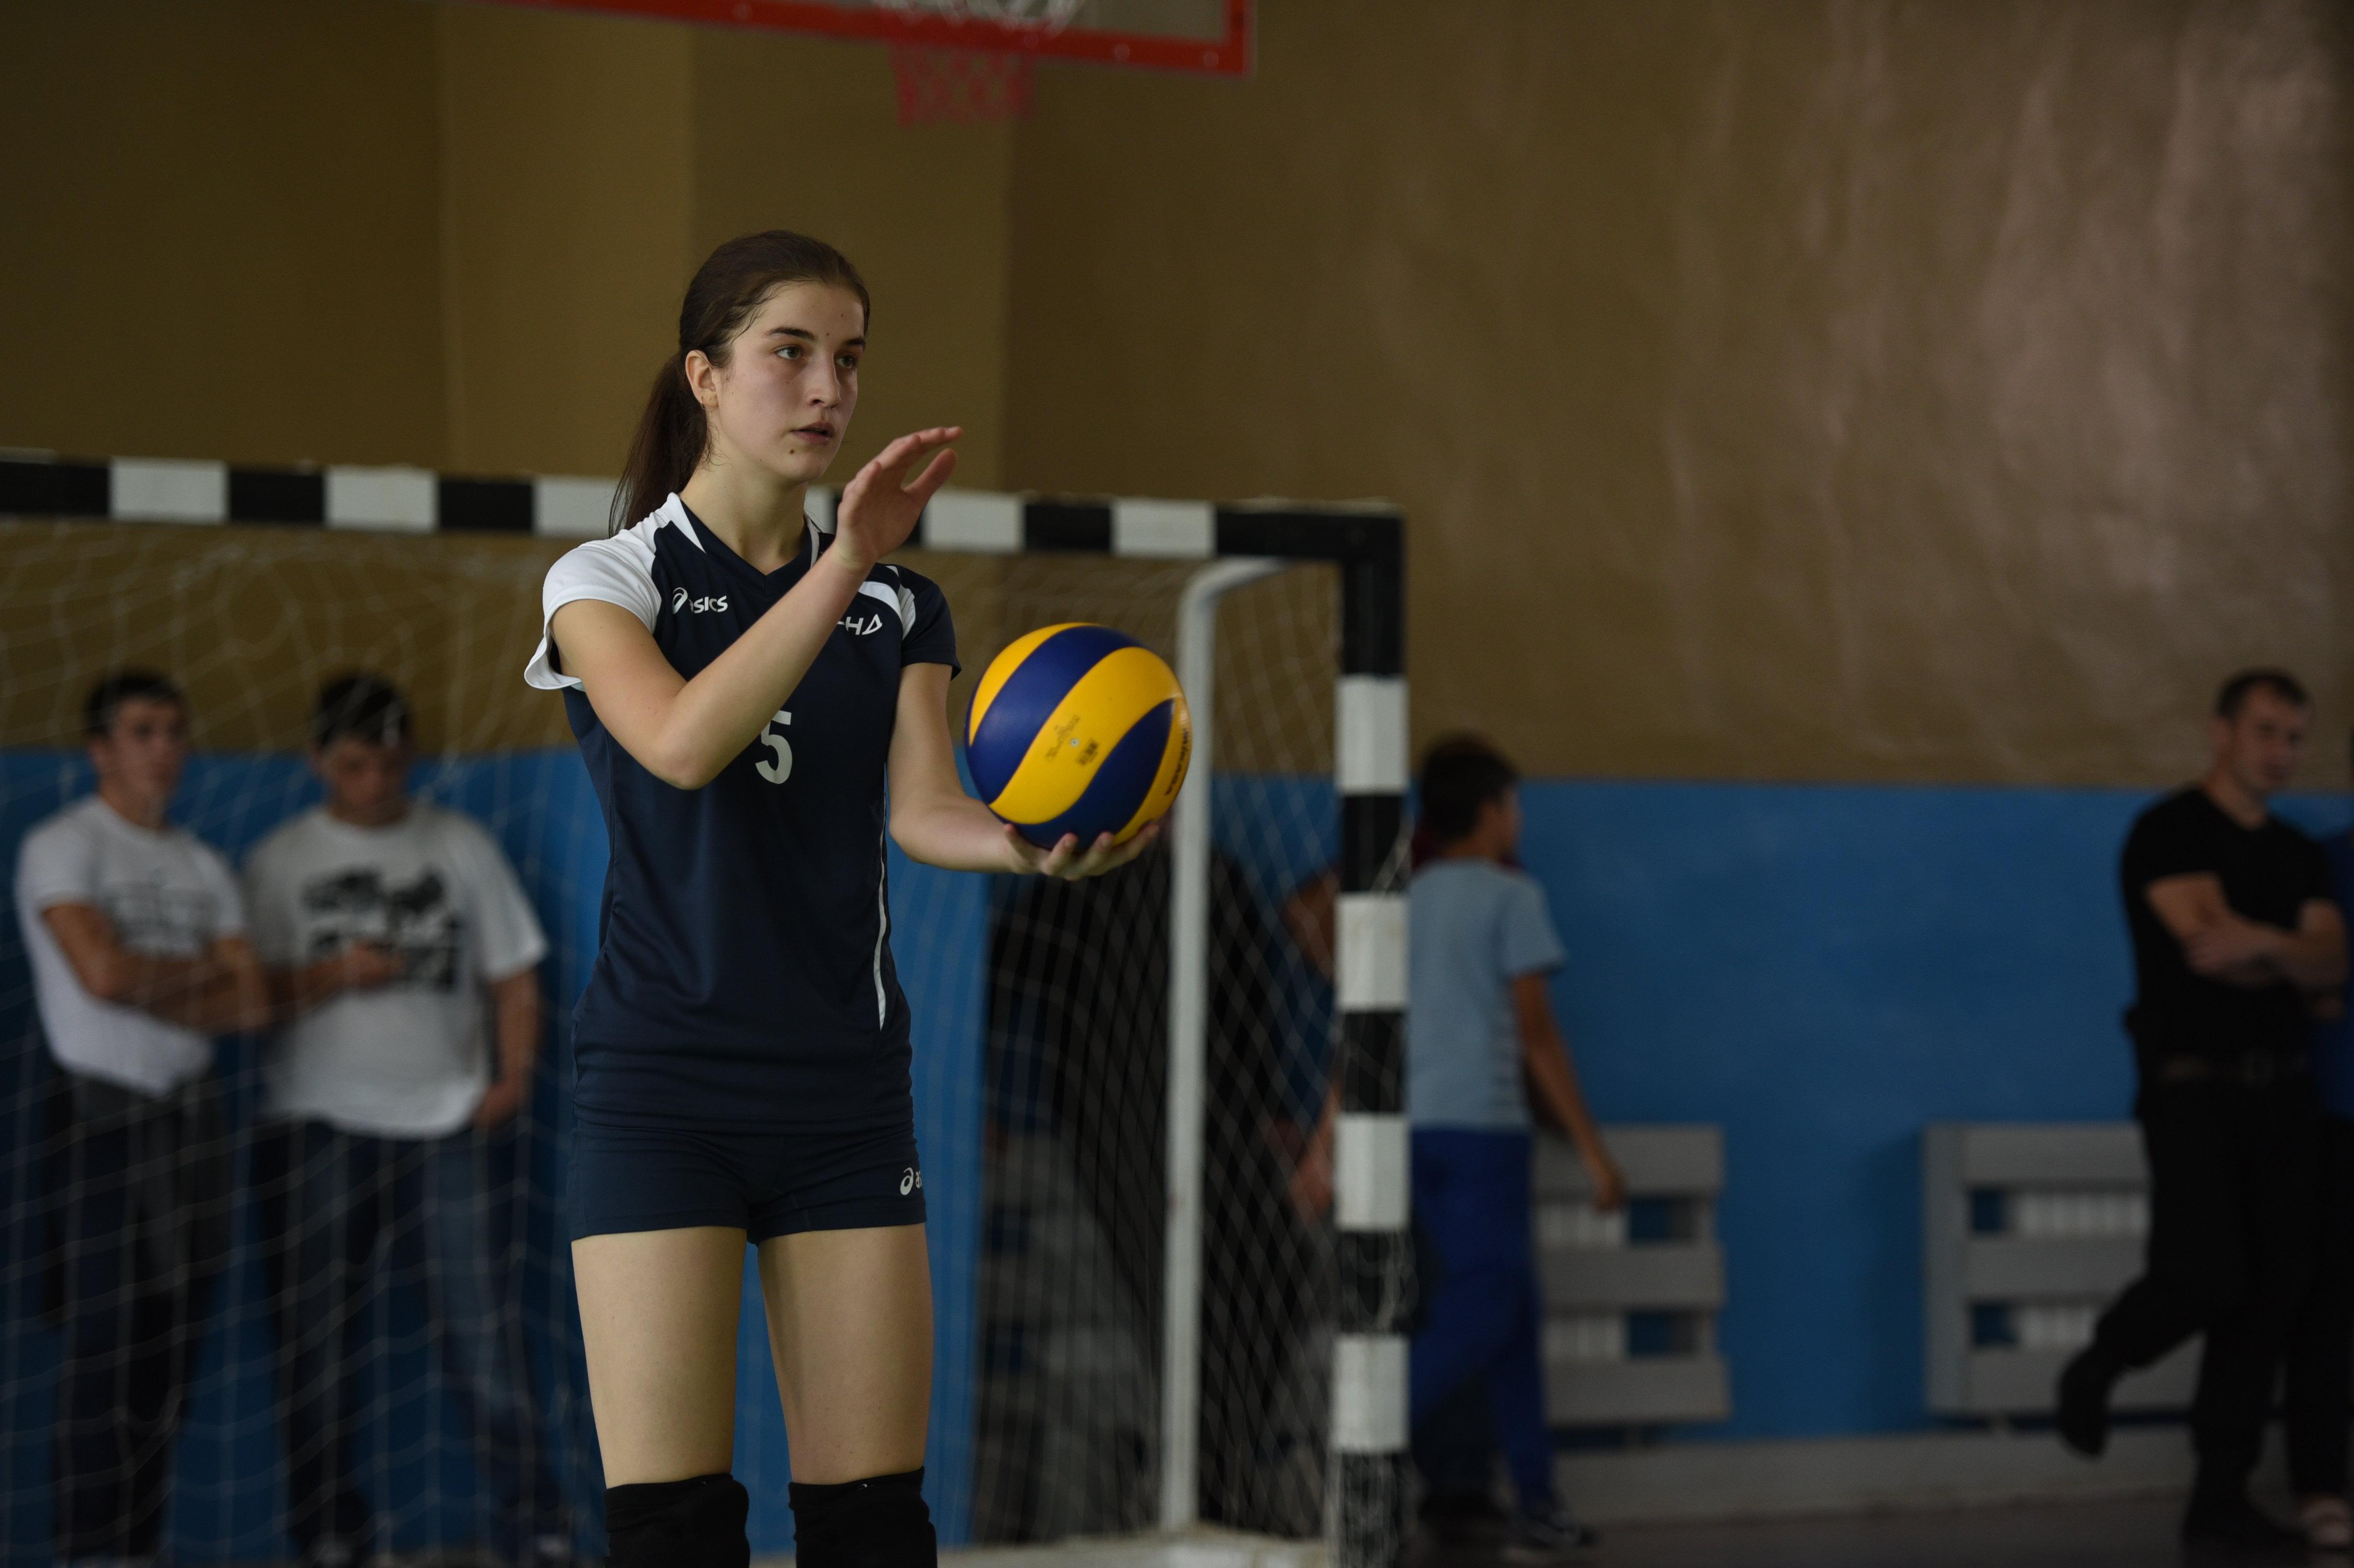 Международный турнир по волейболу в Цхинвале